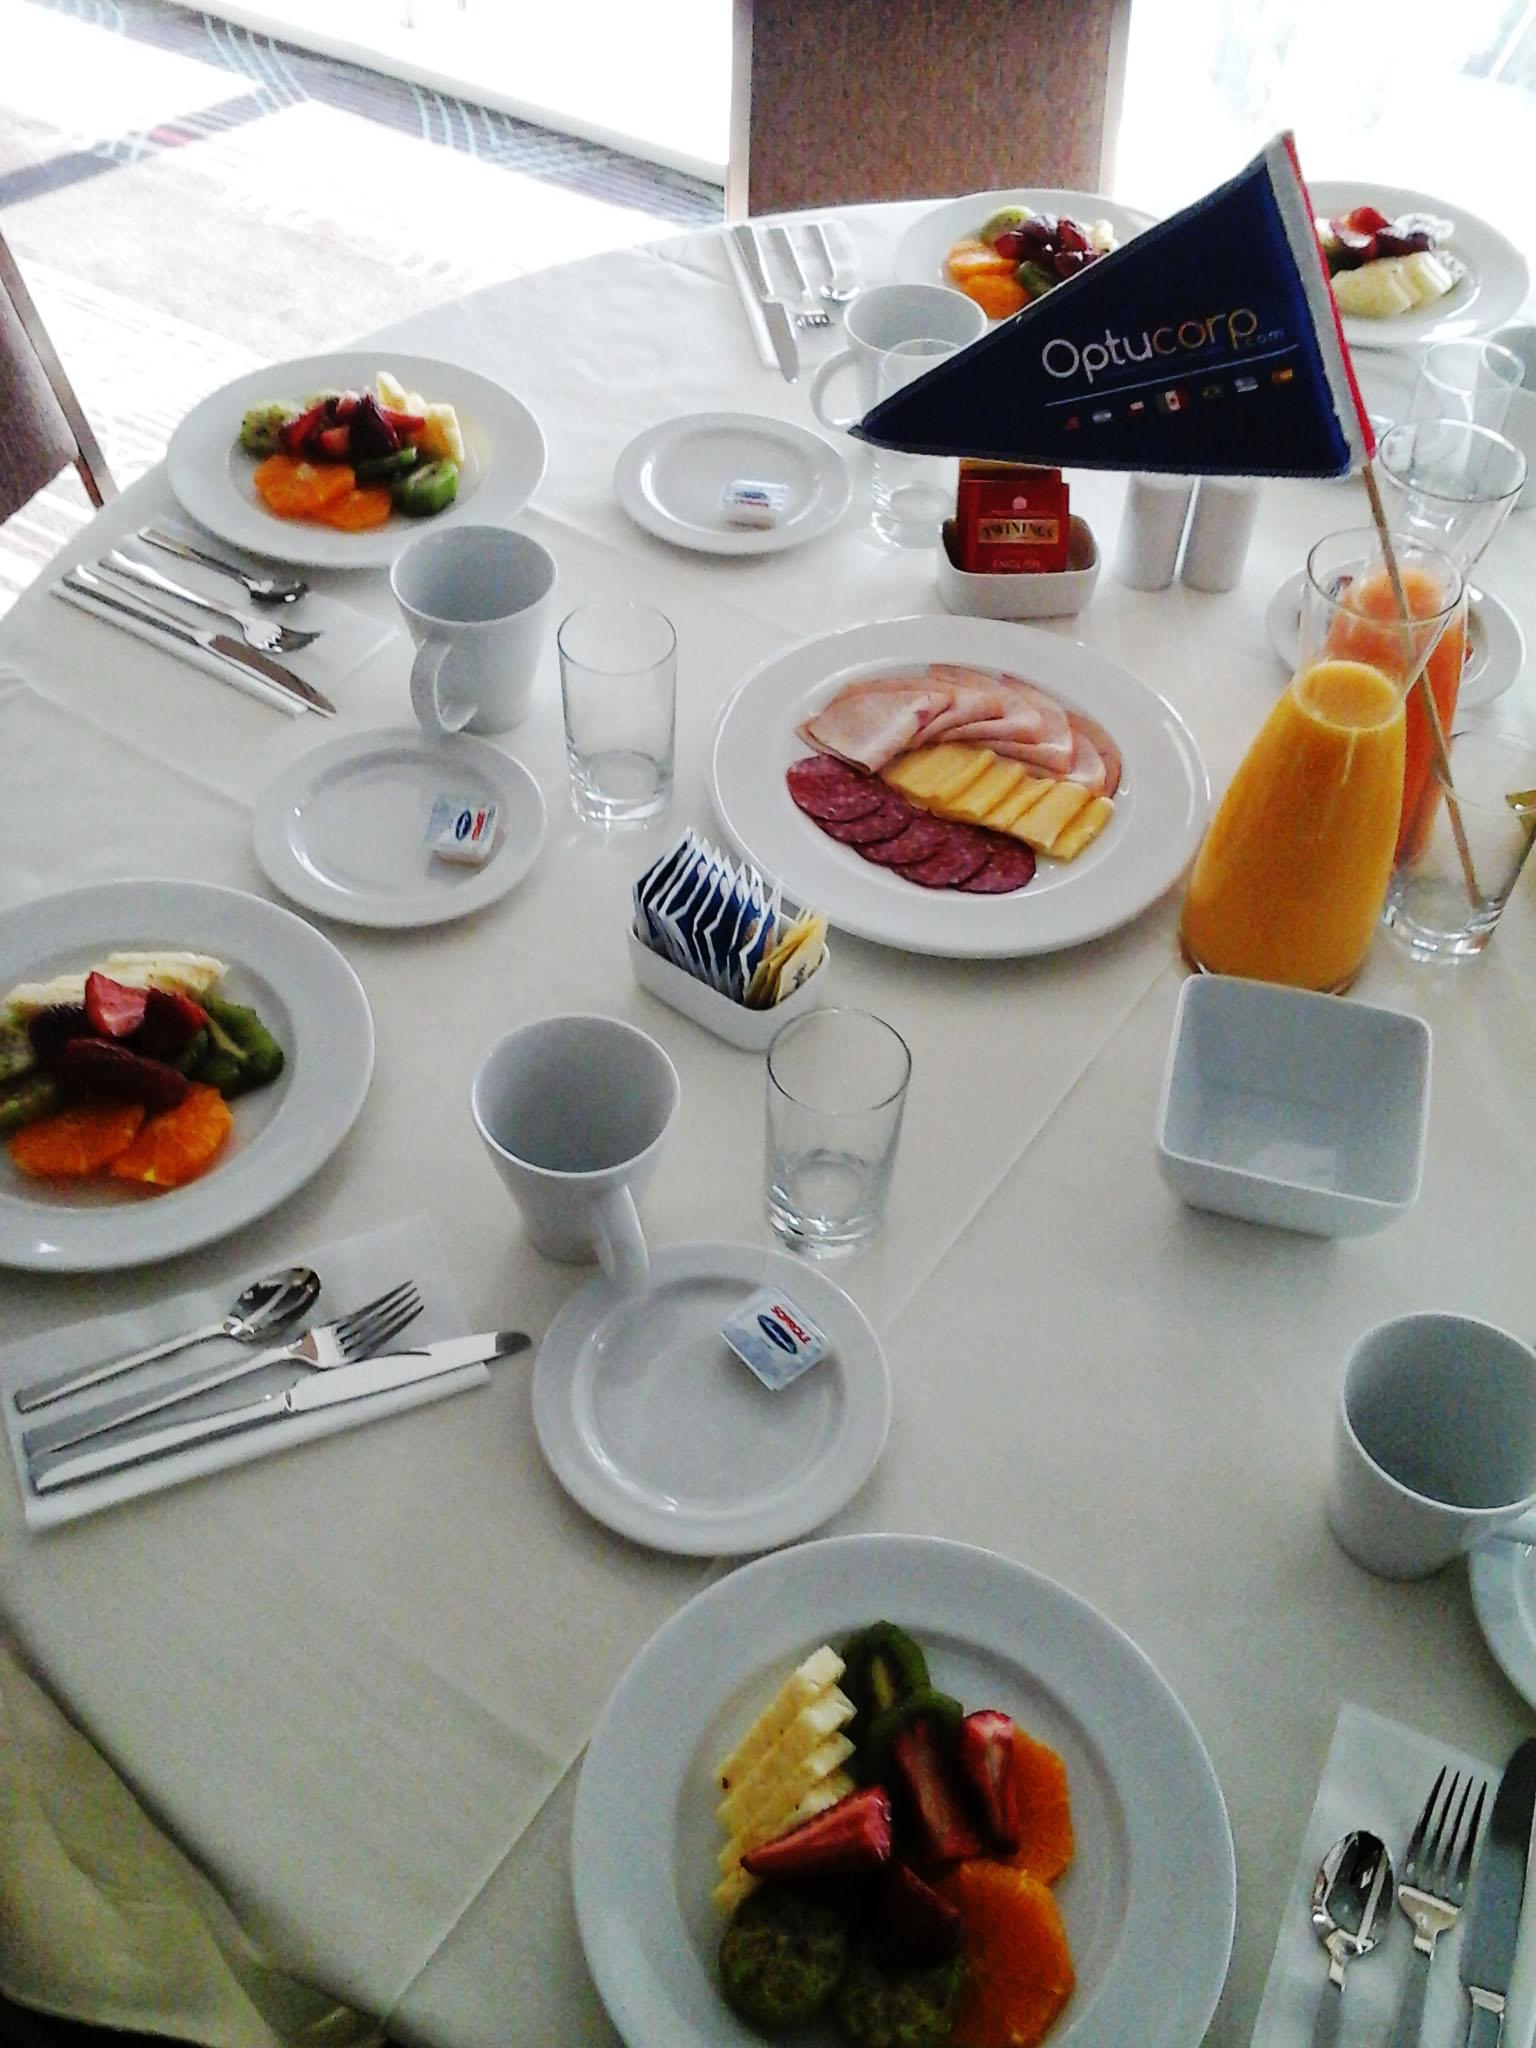 Desayuno de negocios Optucorp & Cicmex